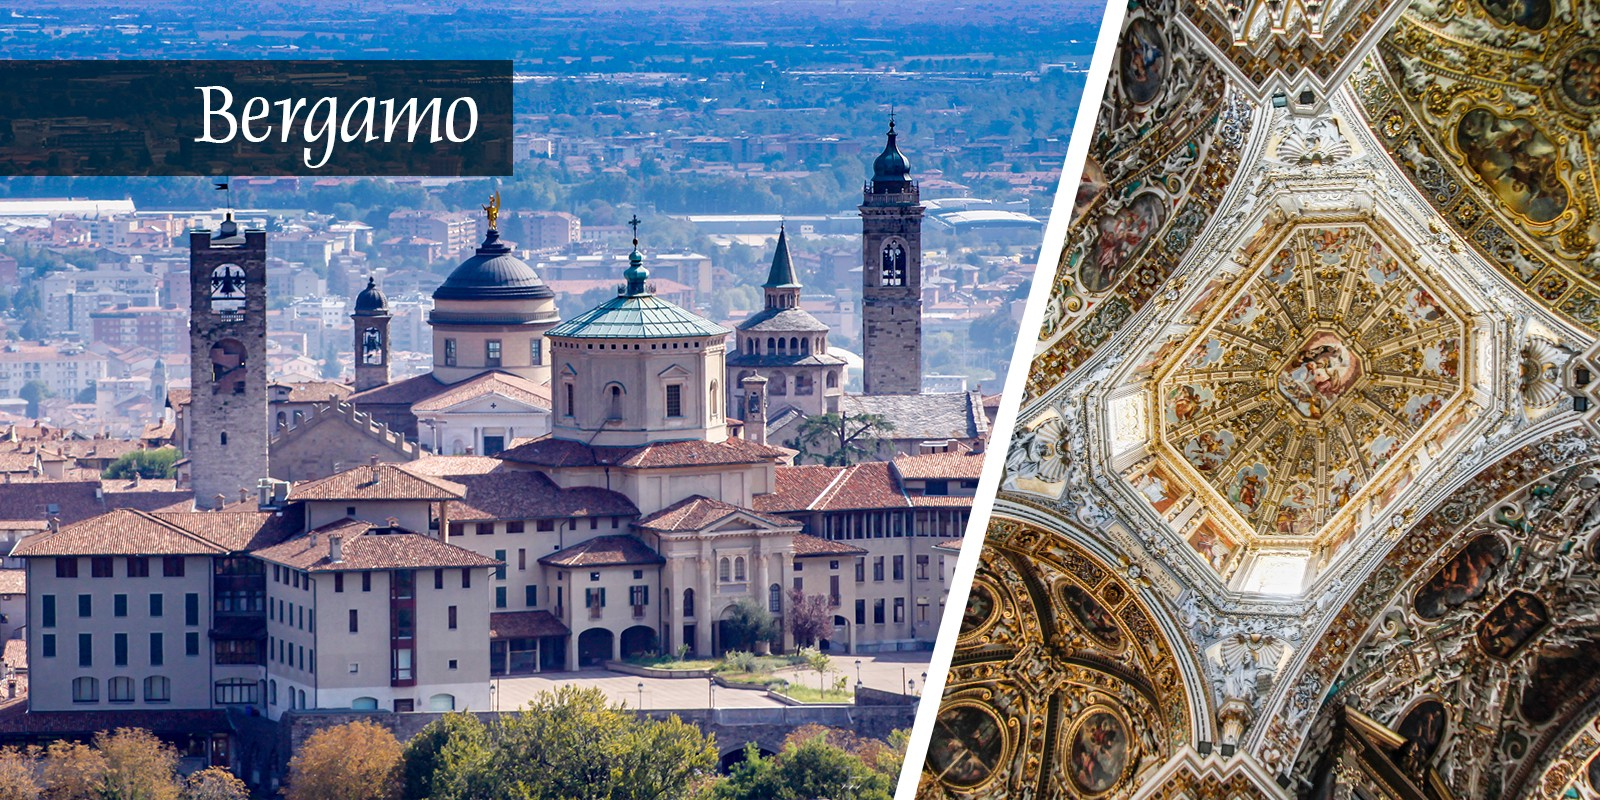 Bergamo Włochy Italia Atrakcje Loty Noclegi Mapa Widoki Tanie Linie Lotnisko